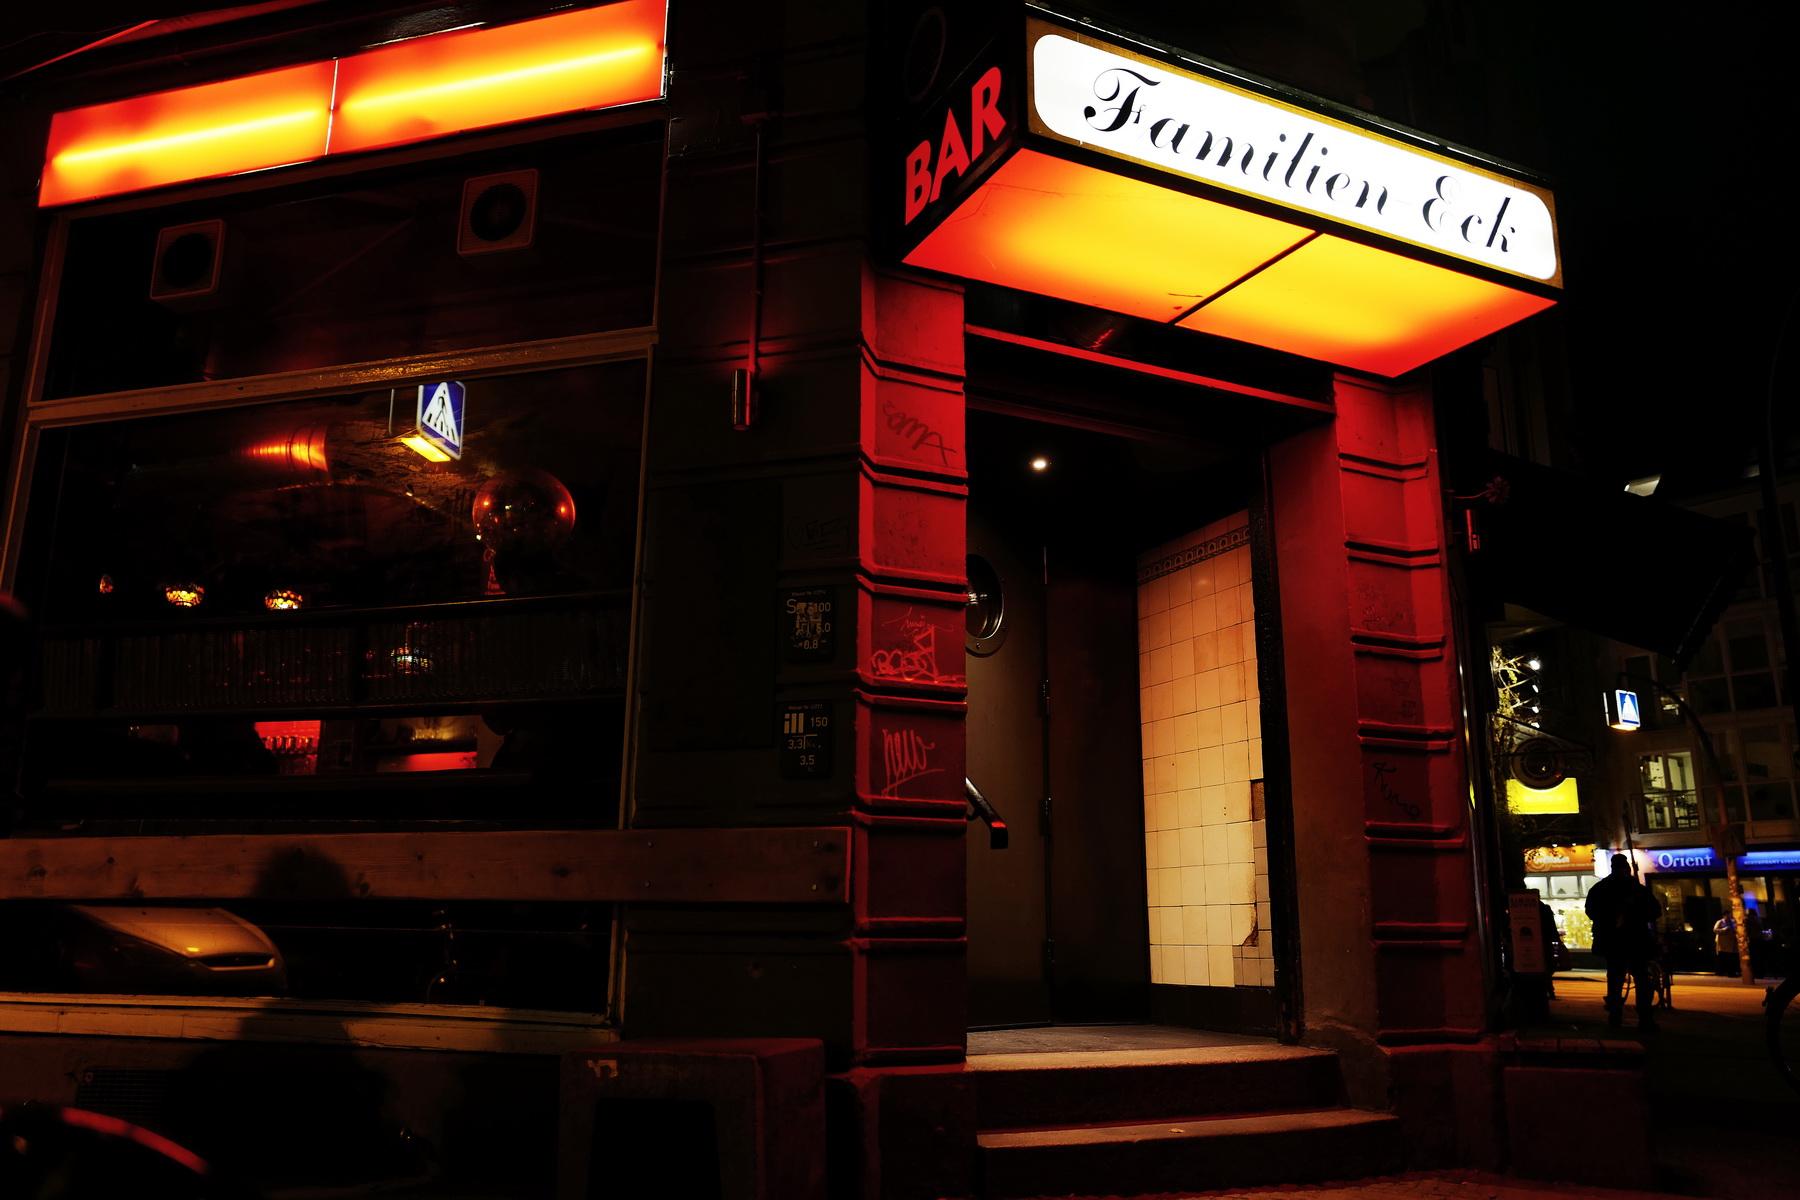 Geheimtipp Hamburg Essen & Trinken Bar Familieneck Ottensen Lisa Knauer 22